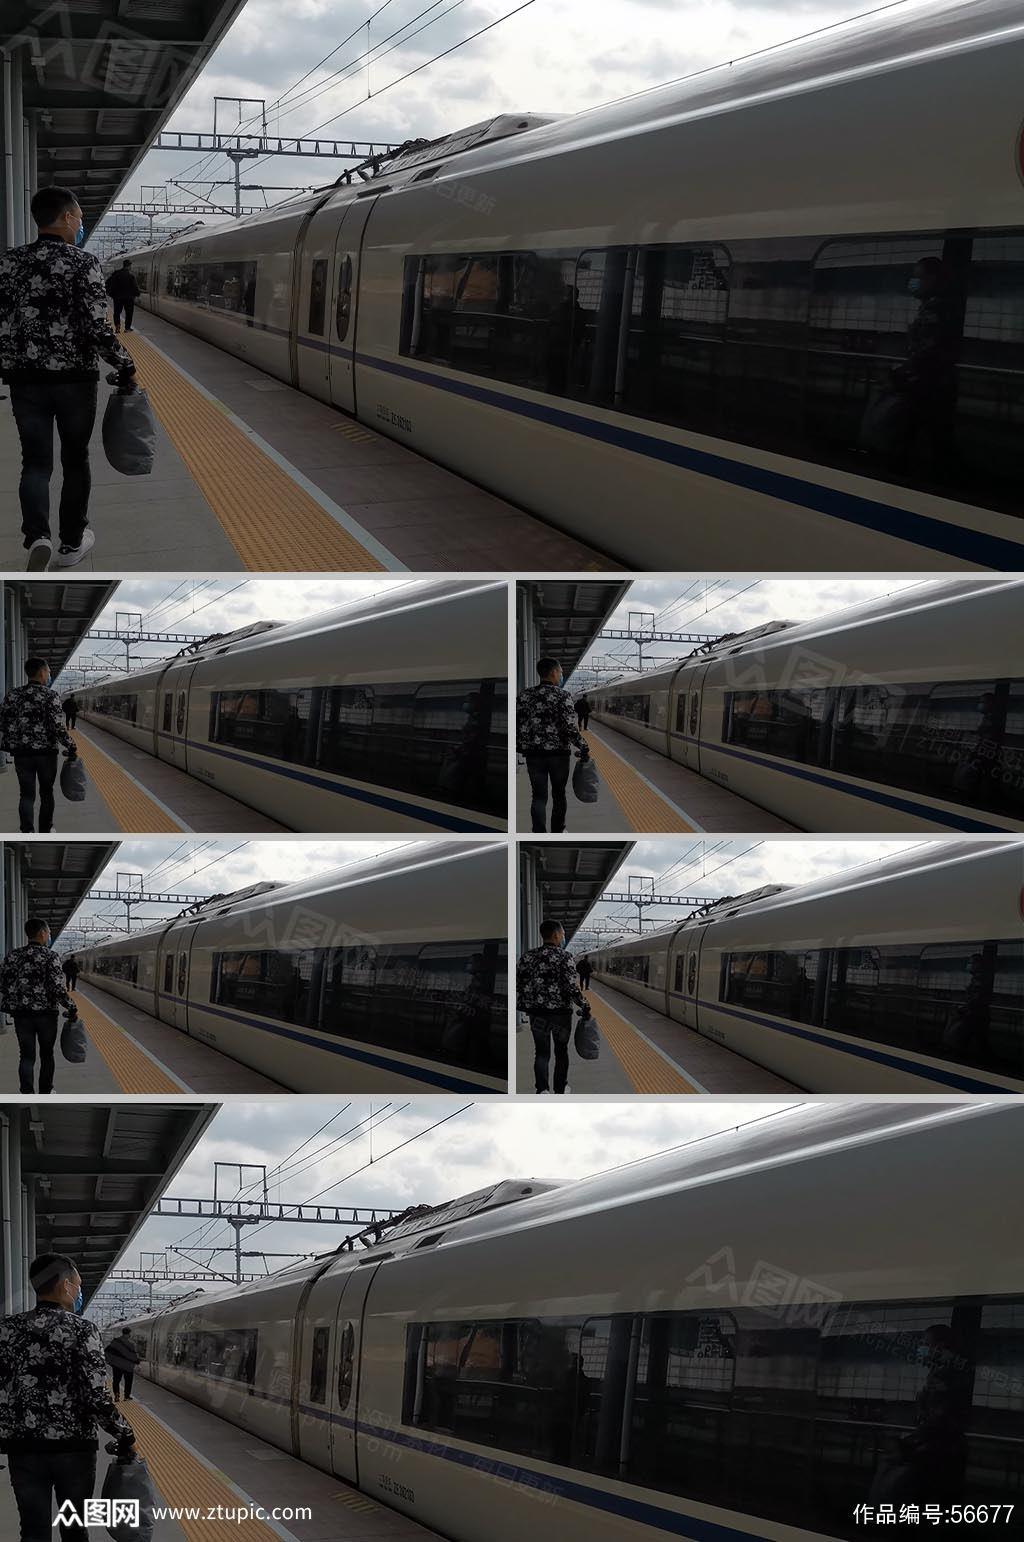 高铁进站候车人群实拍素材素材